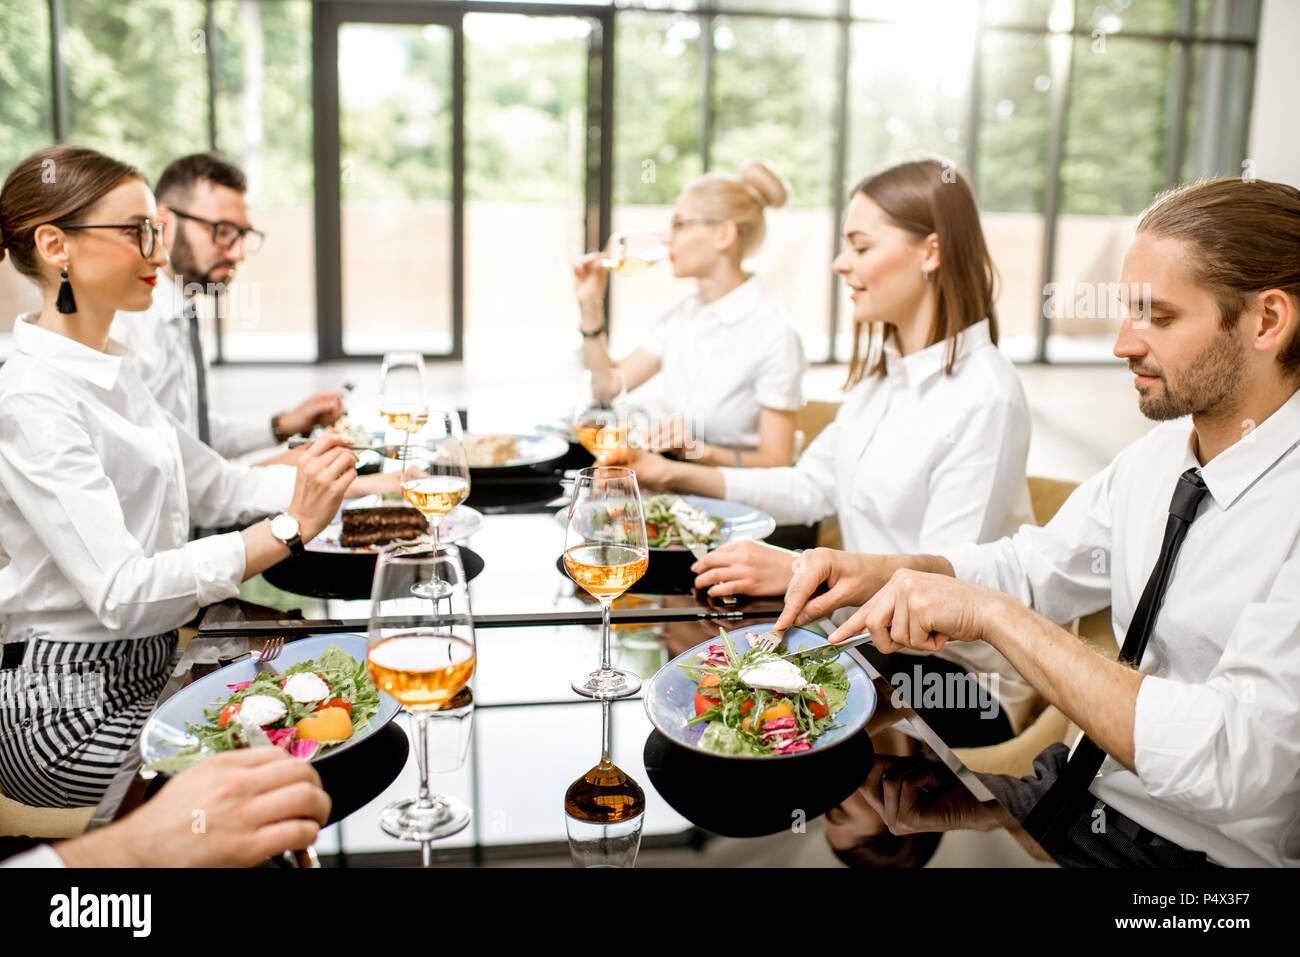 La gente di affari durante un pranzo presso il ristorante Immagini Stock